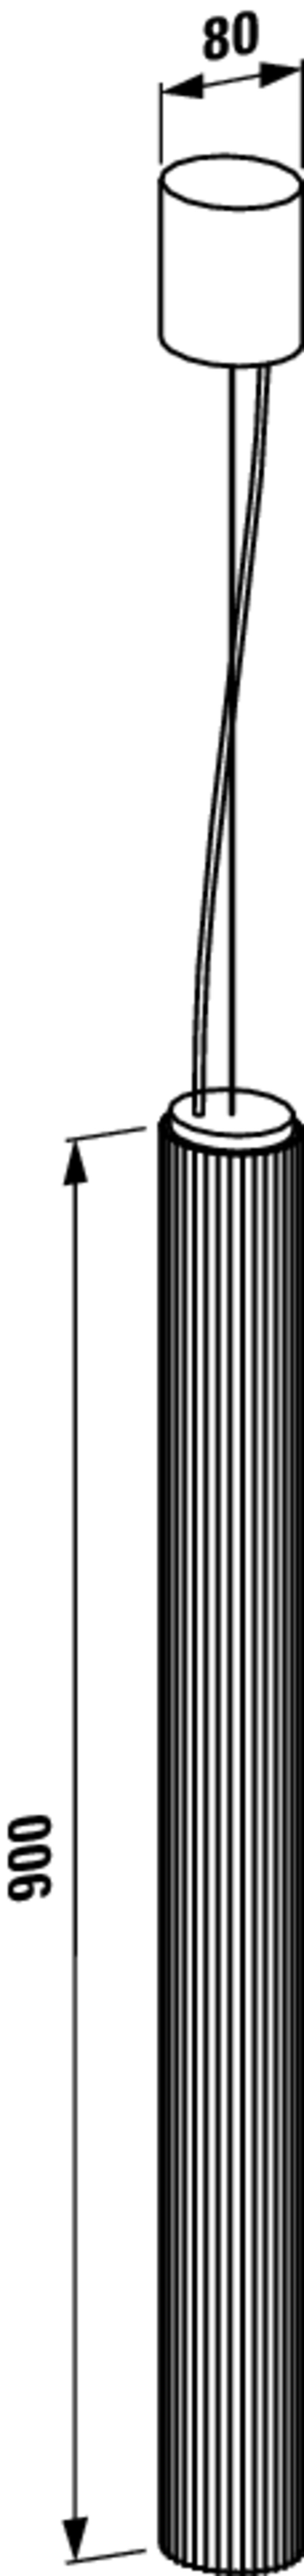 Lampa wisząca 90 cm Laufen Kartell rysunek techniczny